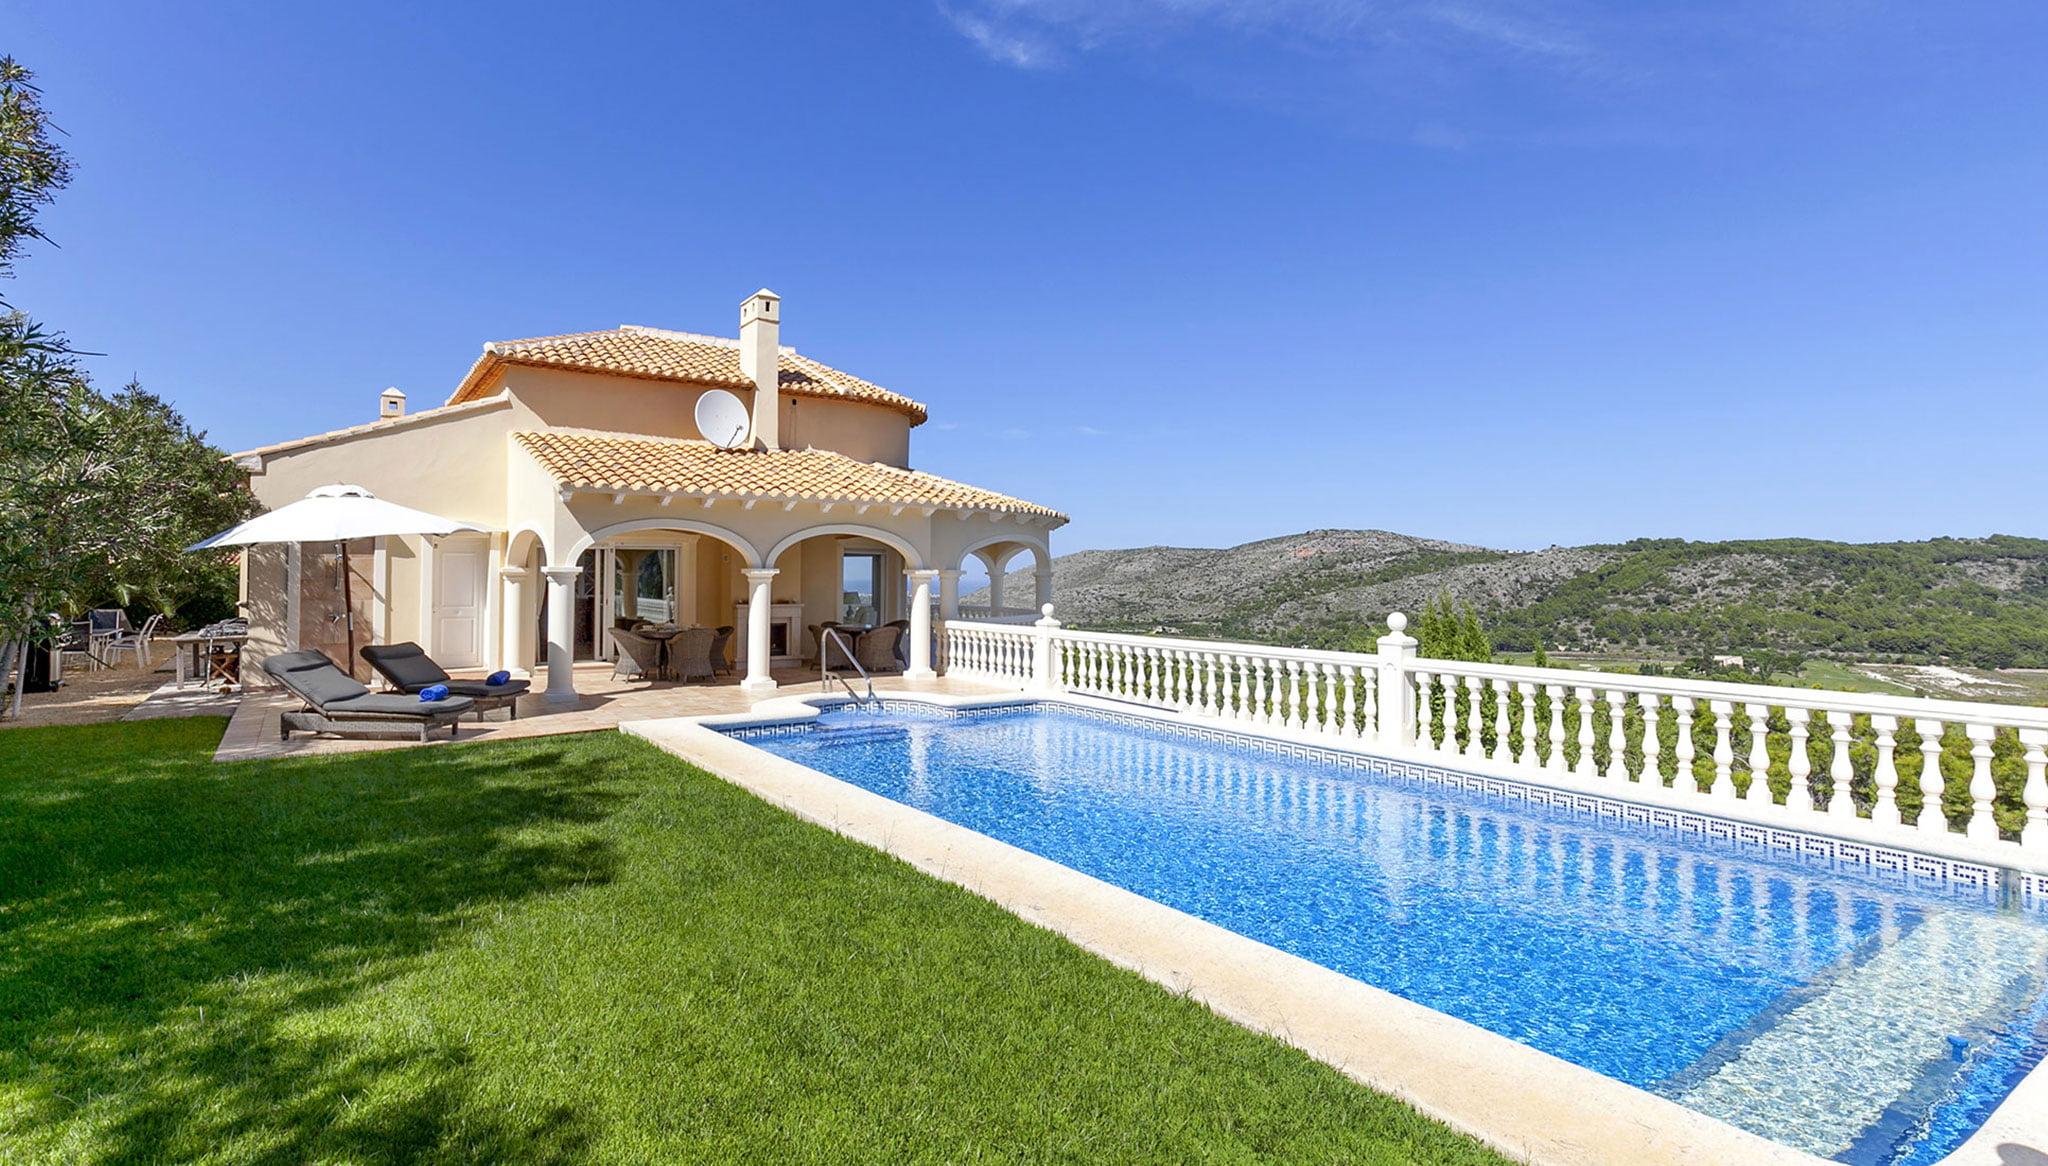 Villa amb encant - Quality Rent a Vila